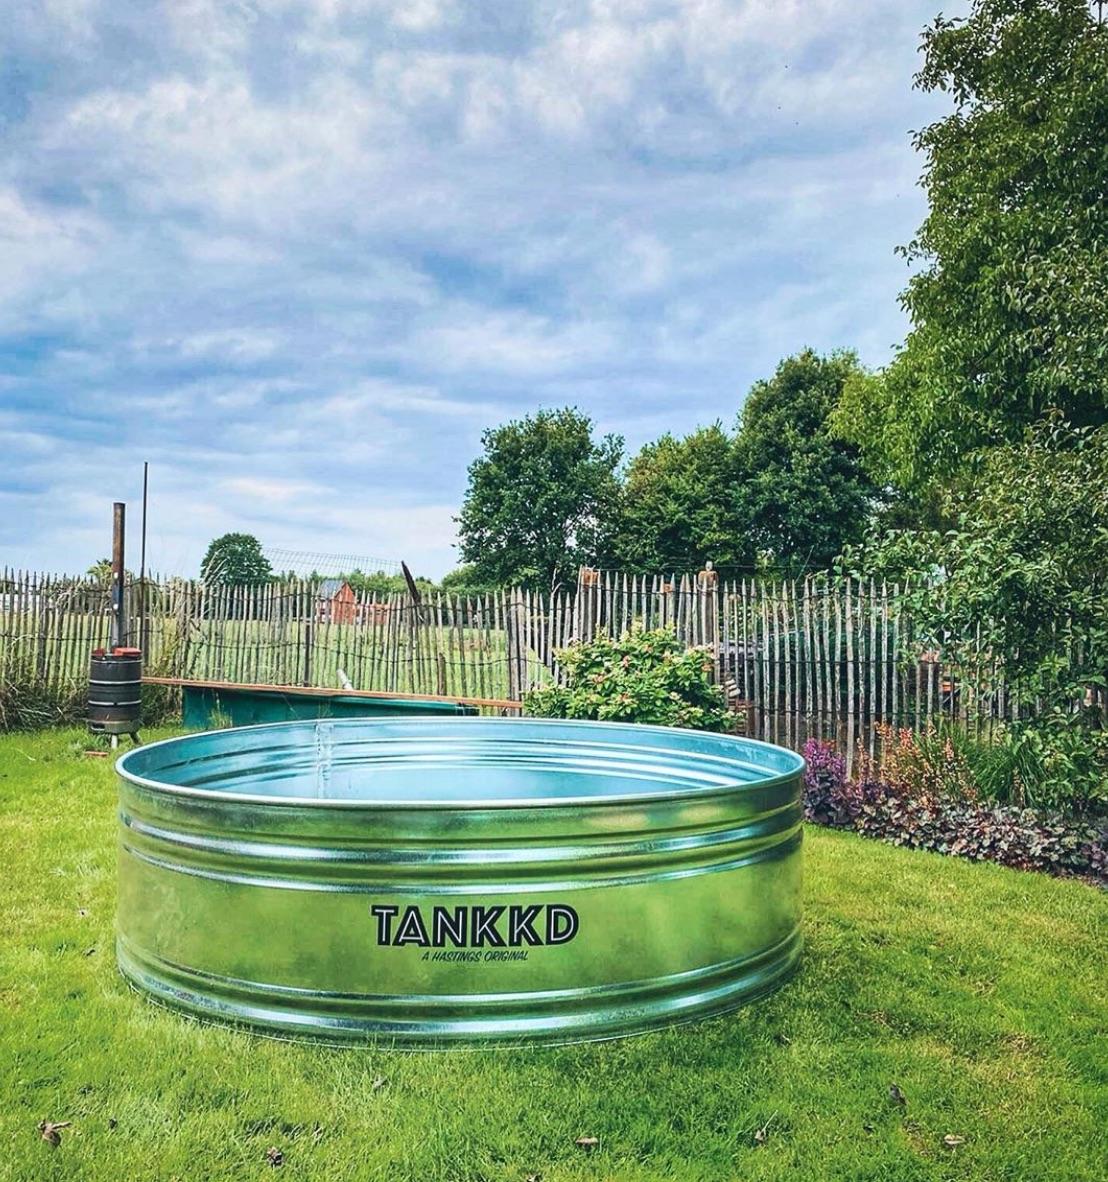 Small tankkd pool